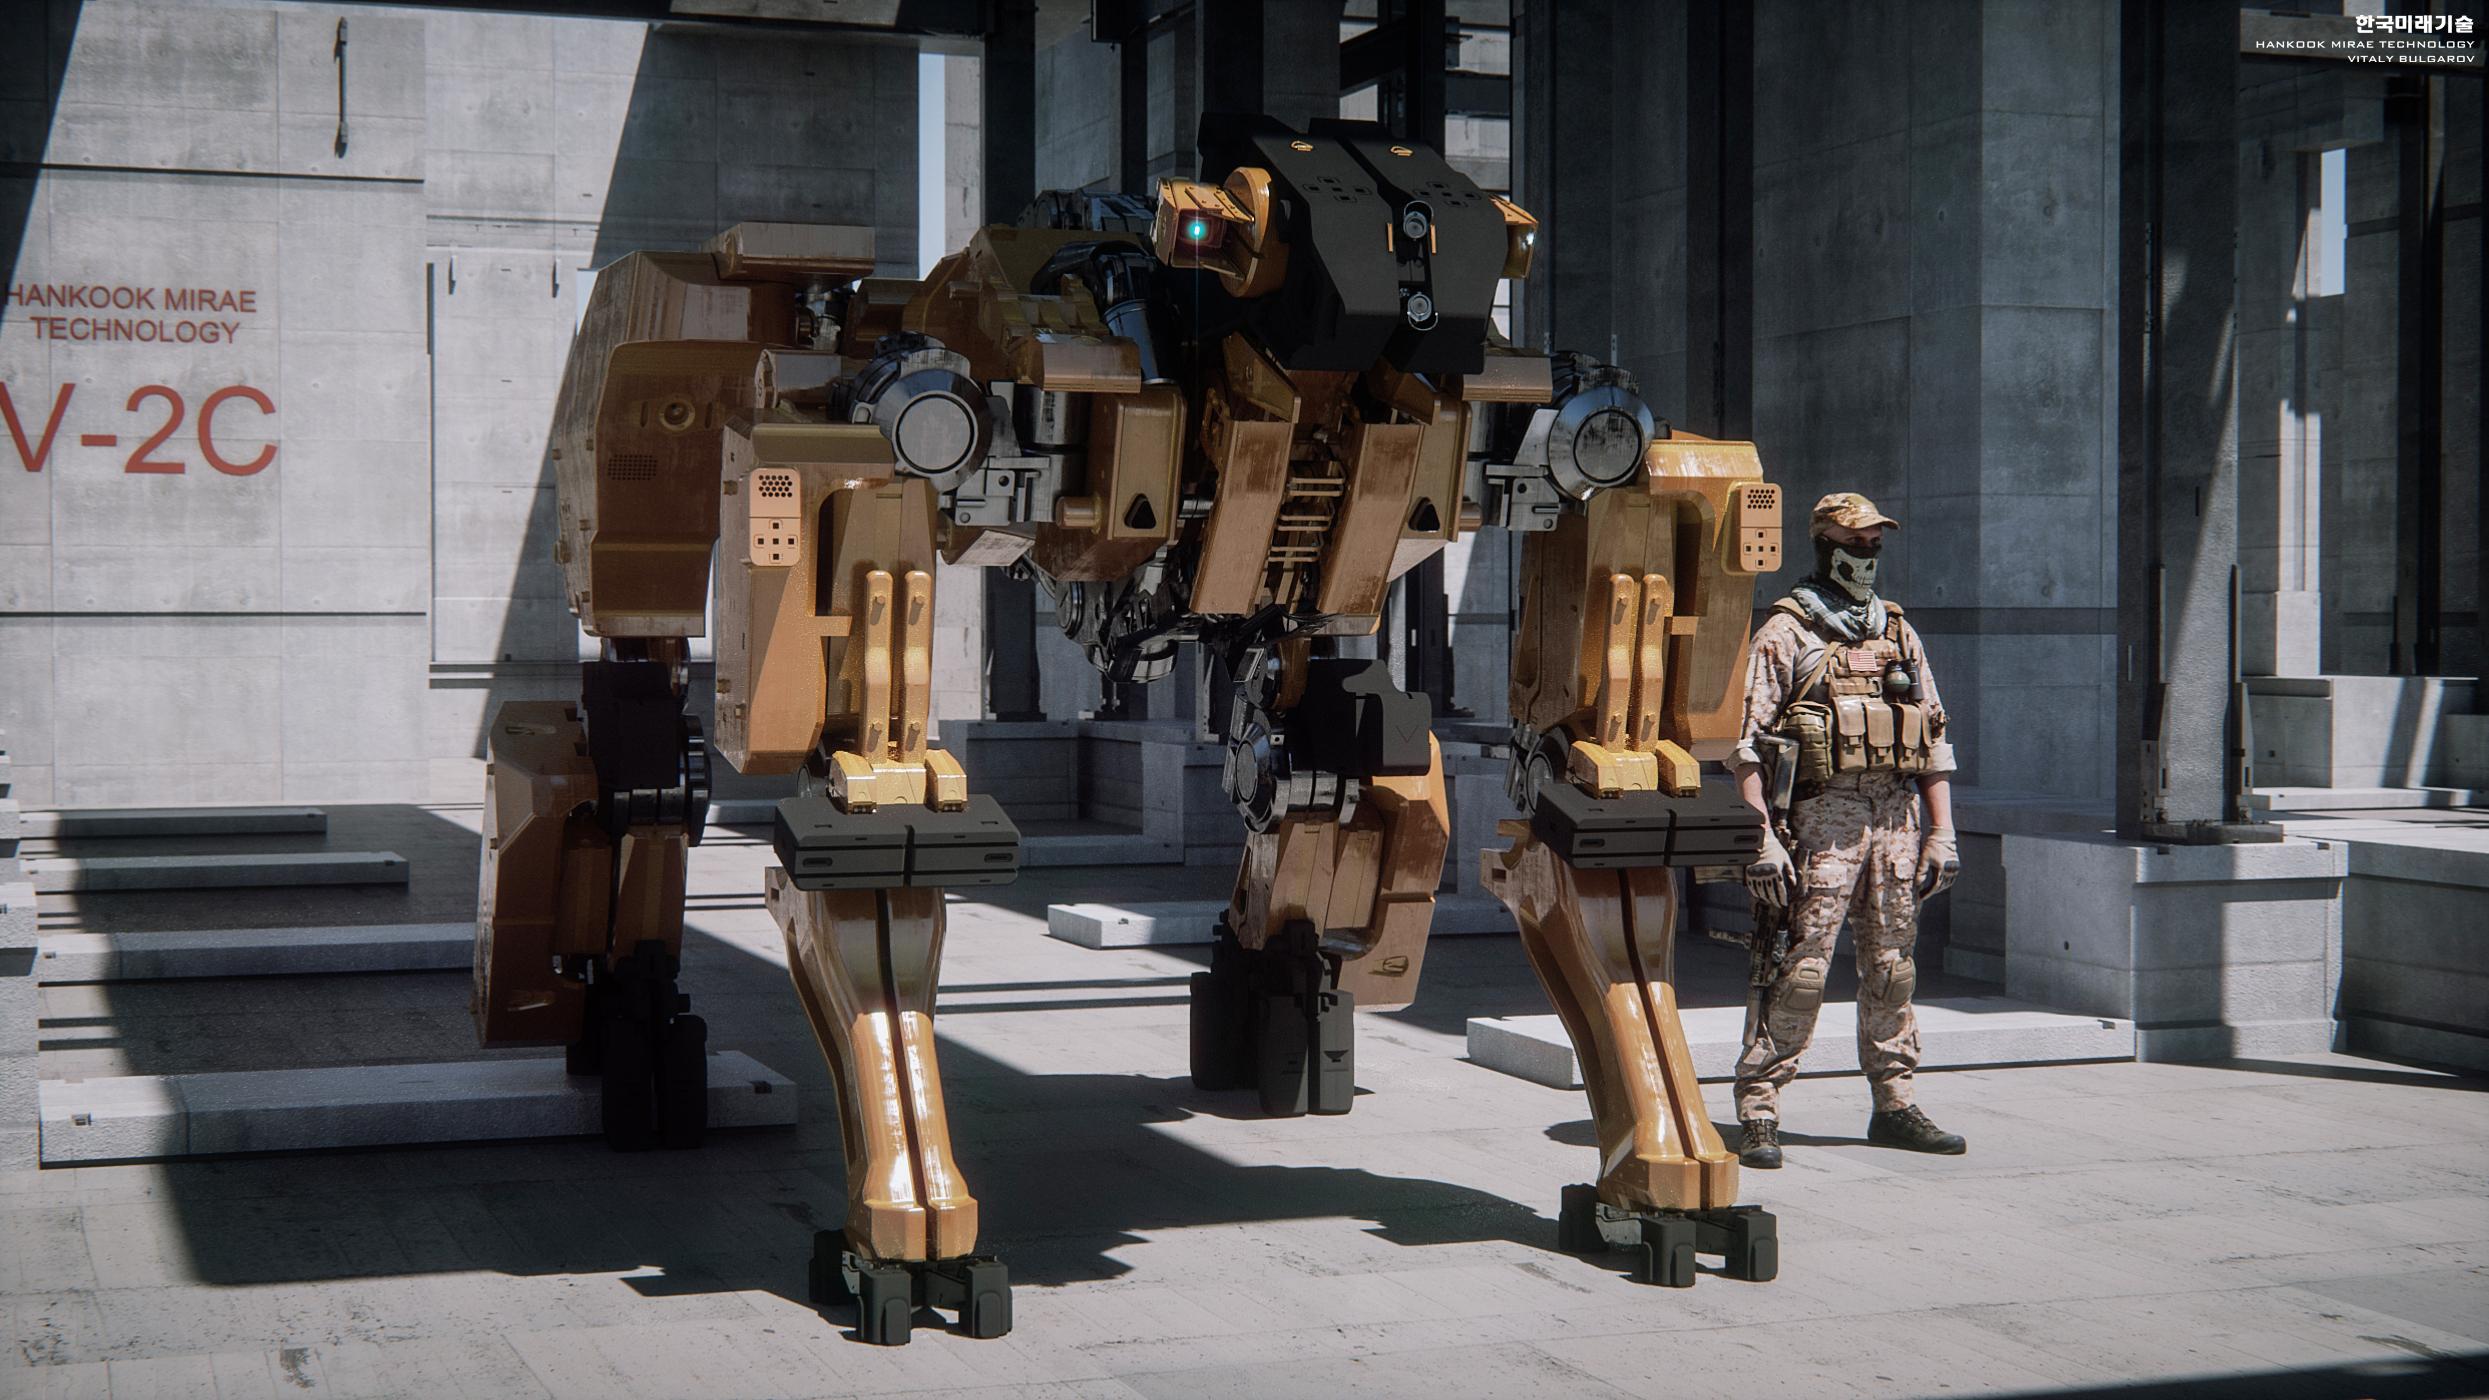 KFT_4LeggedRobot_V4_01.jpg